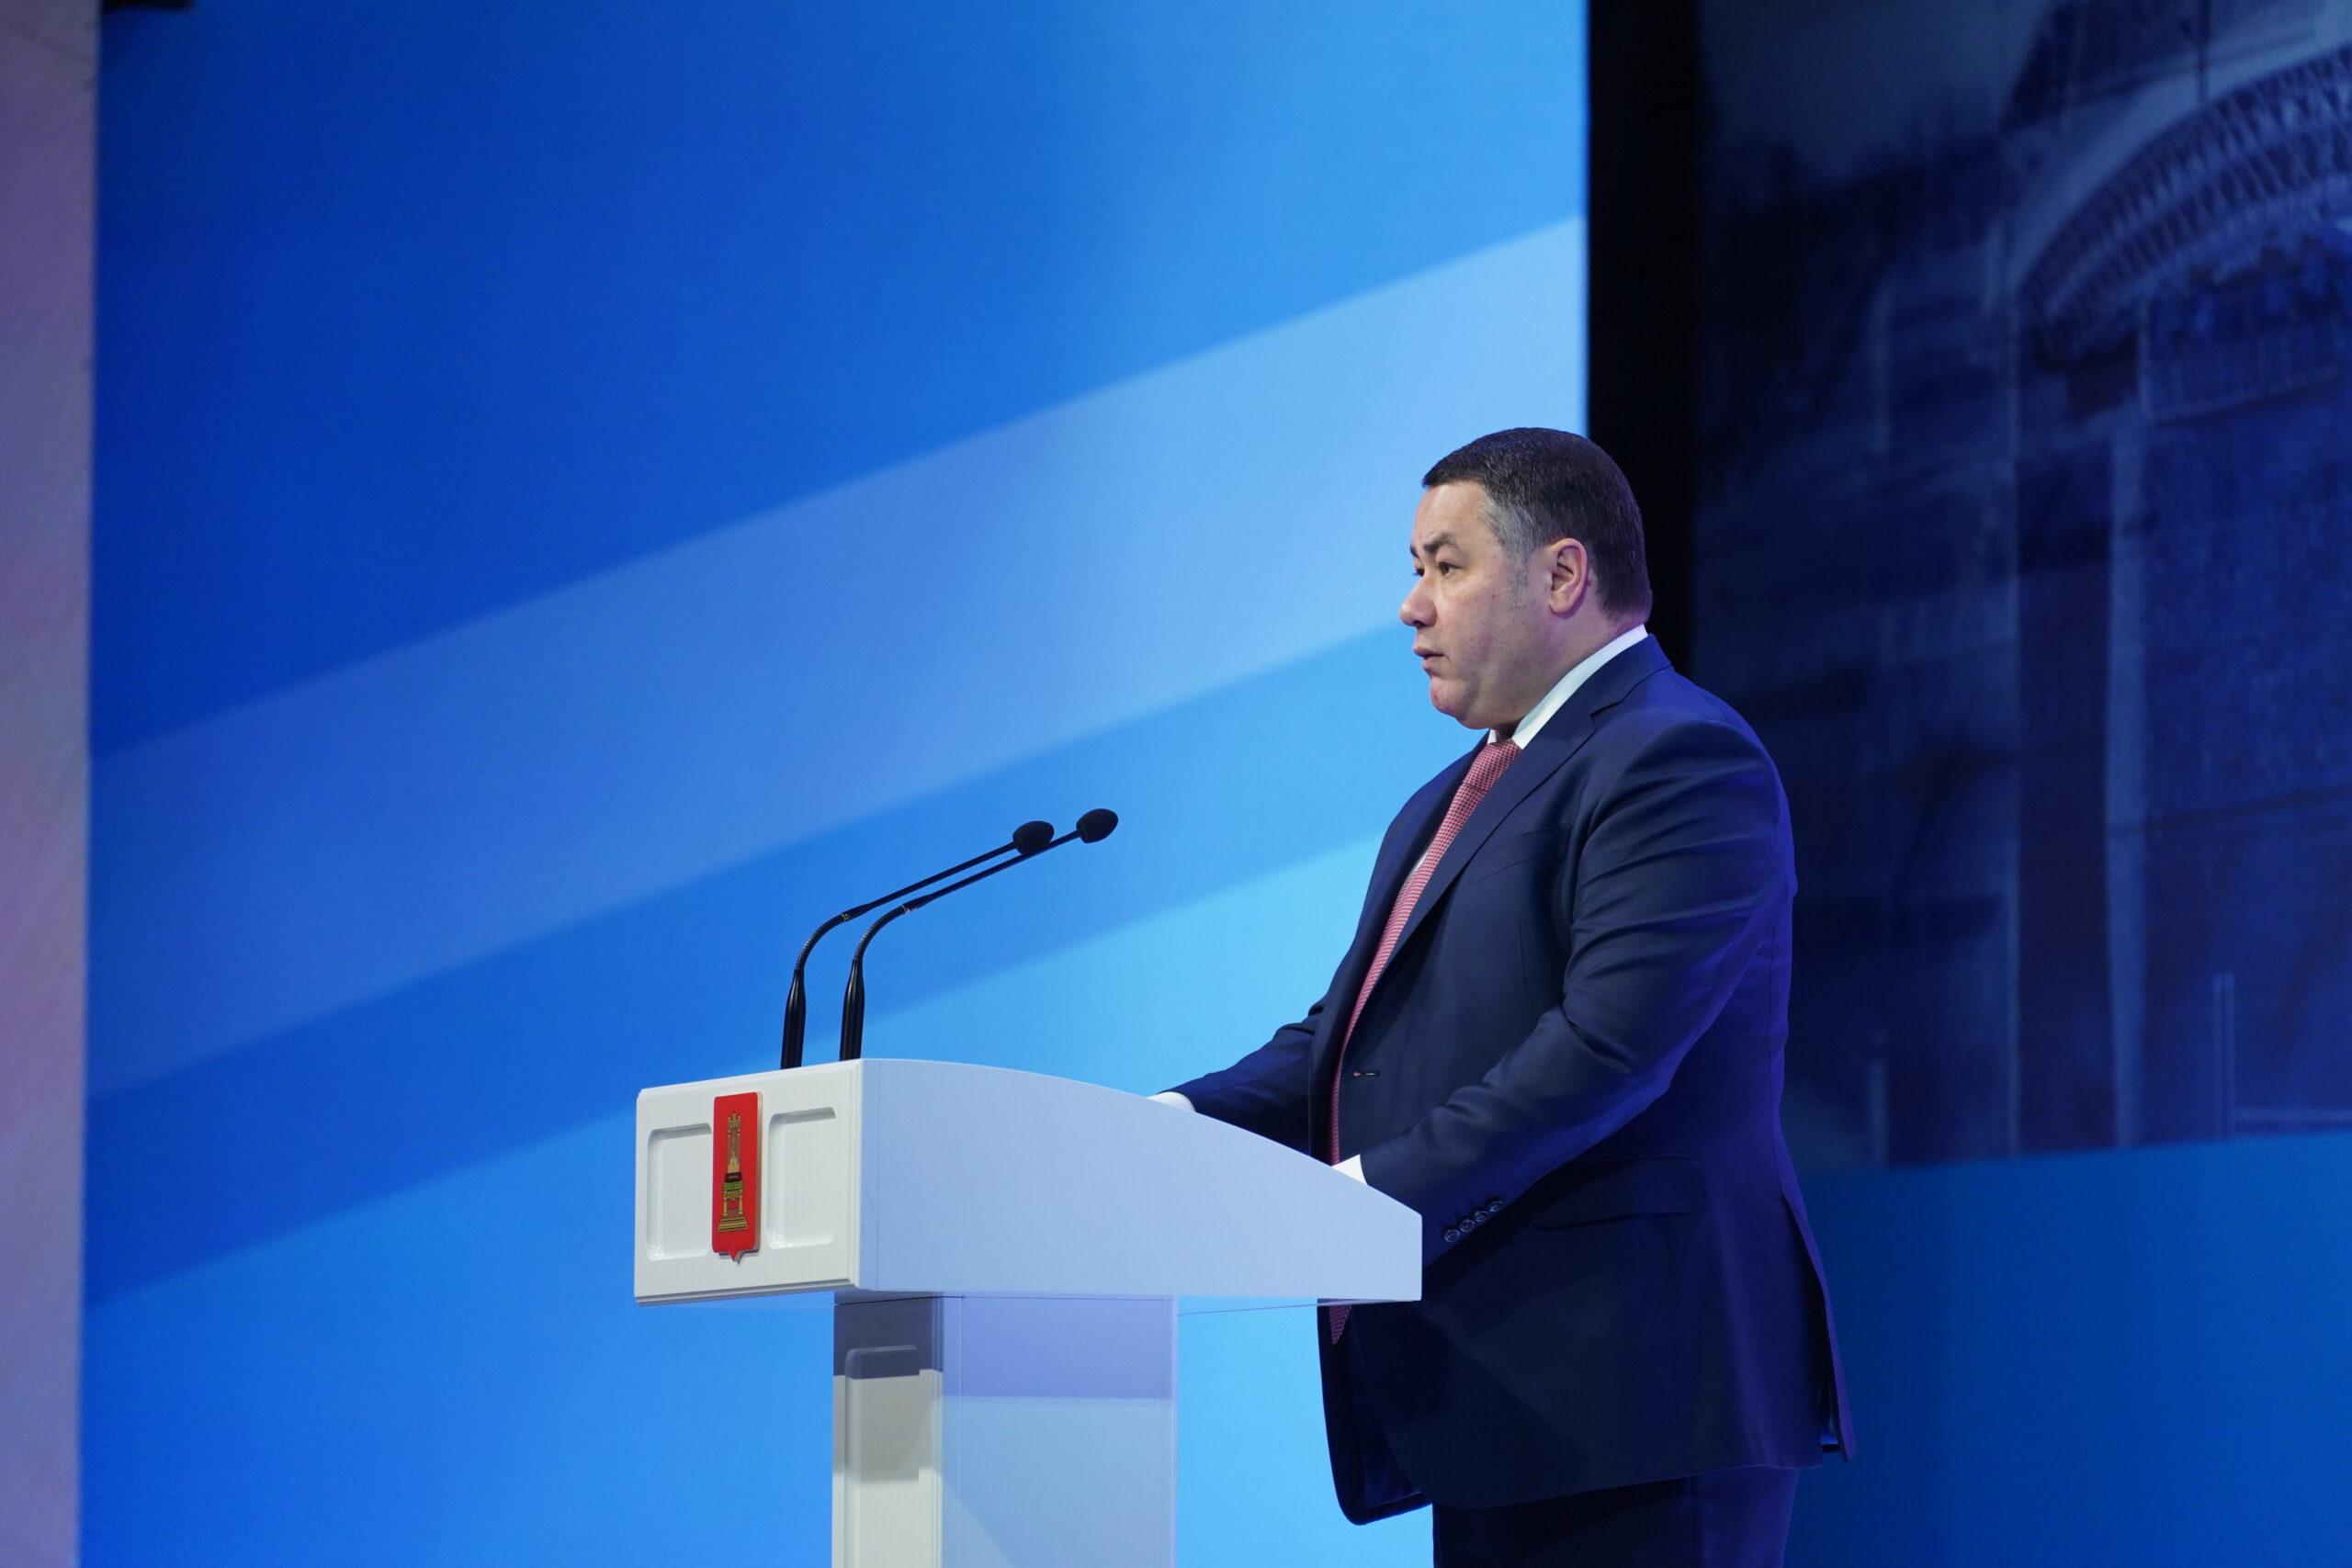 Высший приоритет: губернатор Игорь Руденя рассказал об изменении демографической тенденции